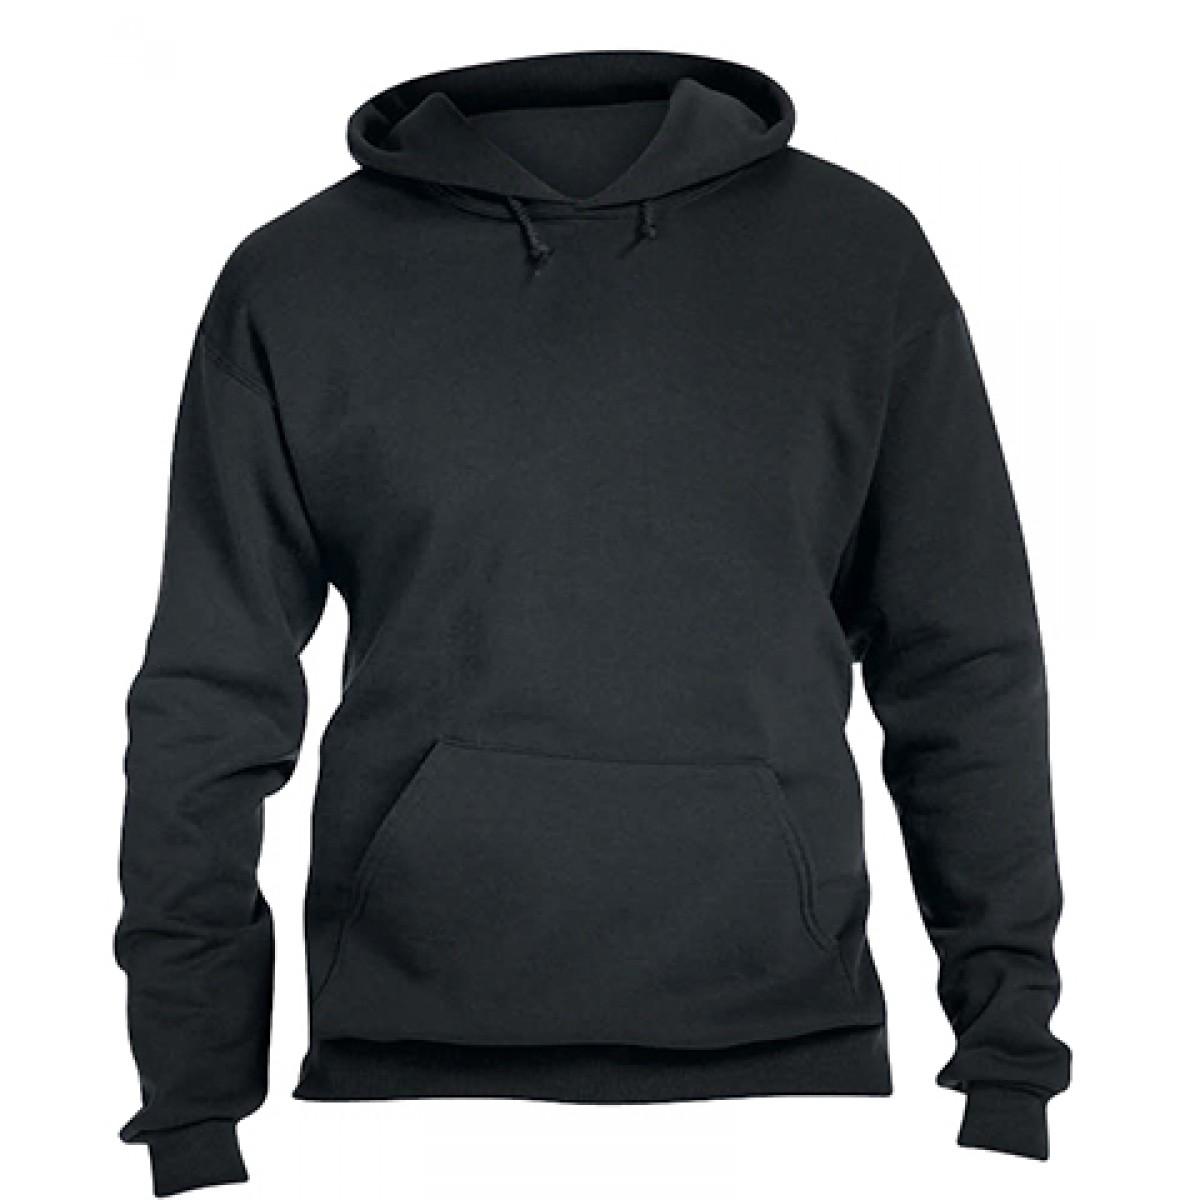 Pullover Hood 50/50 Preshrunk Fleece-Black-M